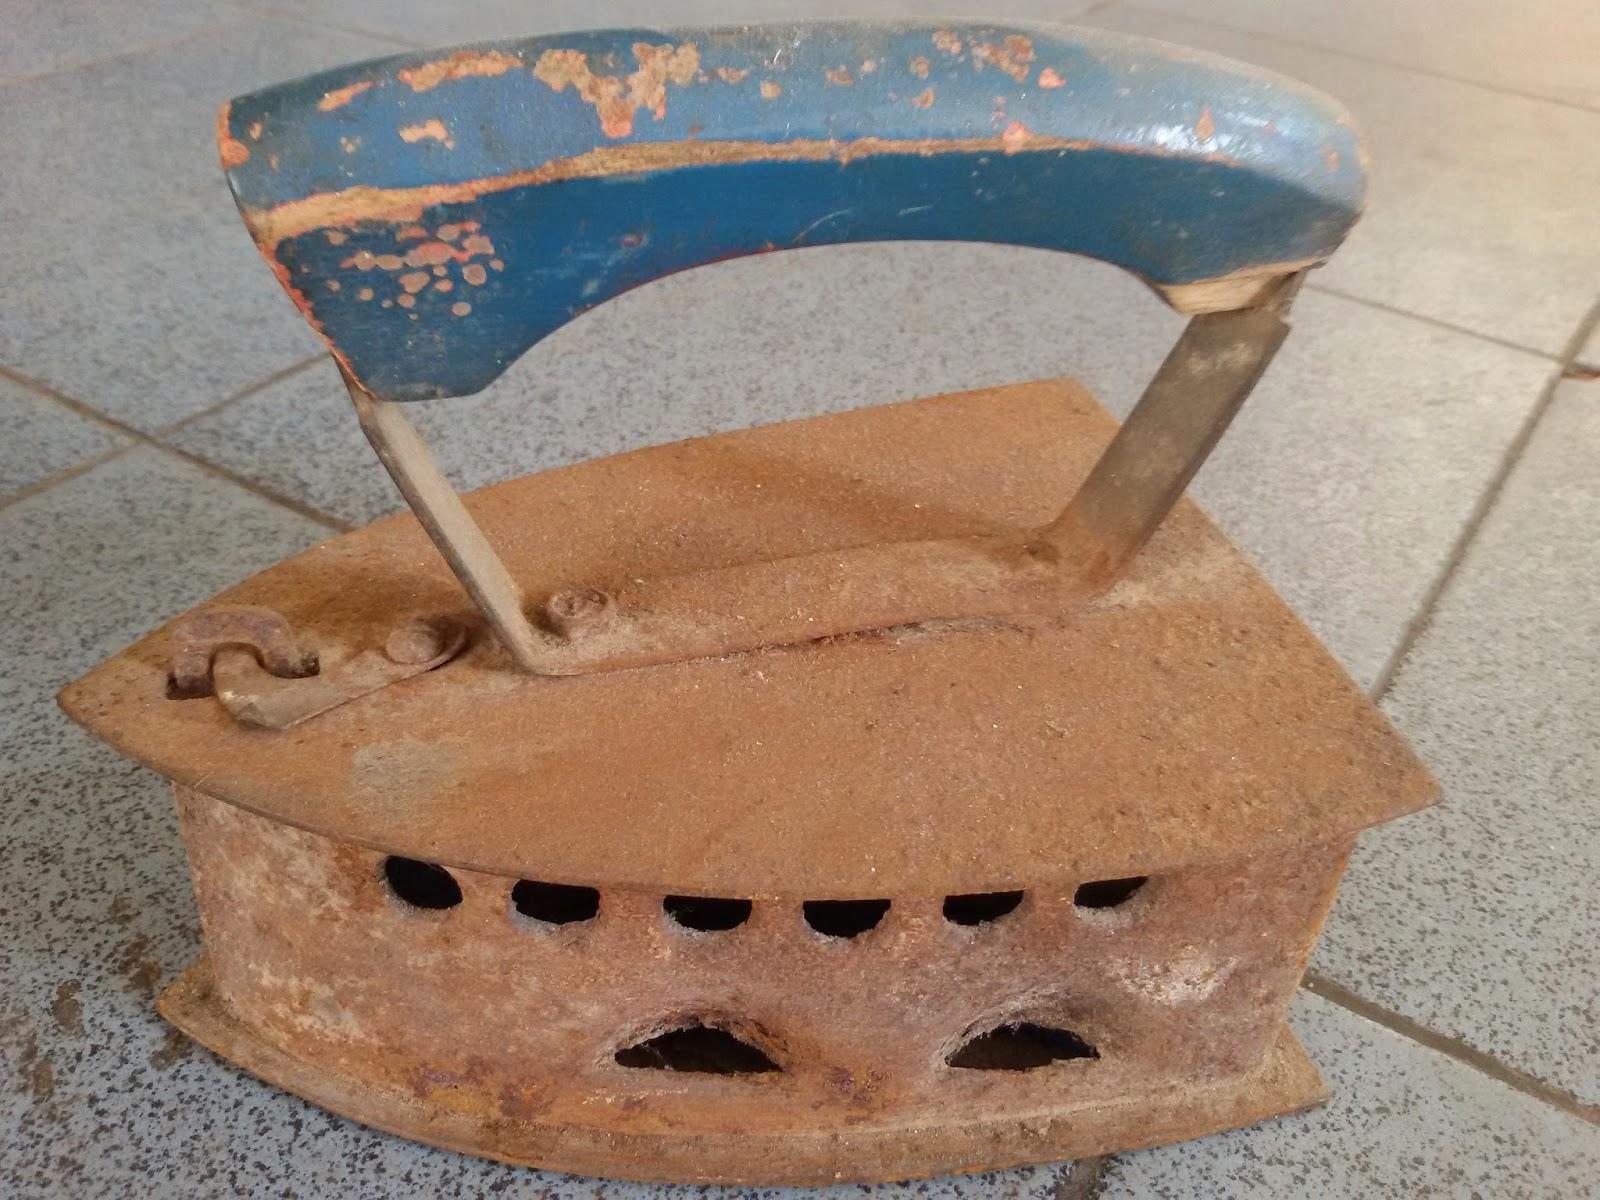 setrika arang adalah barang antik jaman dulu yang digunakan dengan menggunakan arang sebagai penghasil panasnya dan tanpa menggunakan listrik